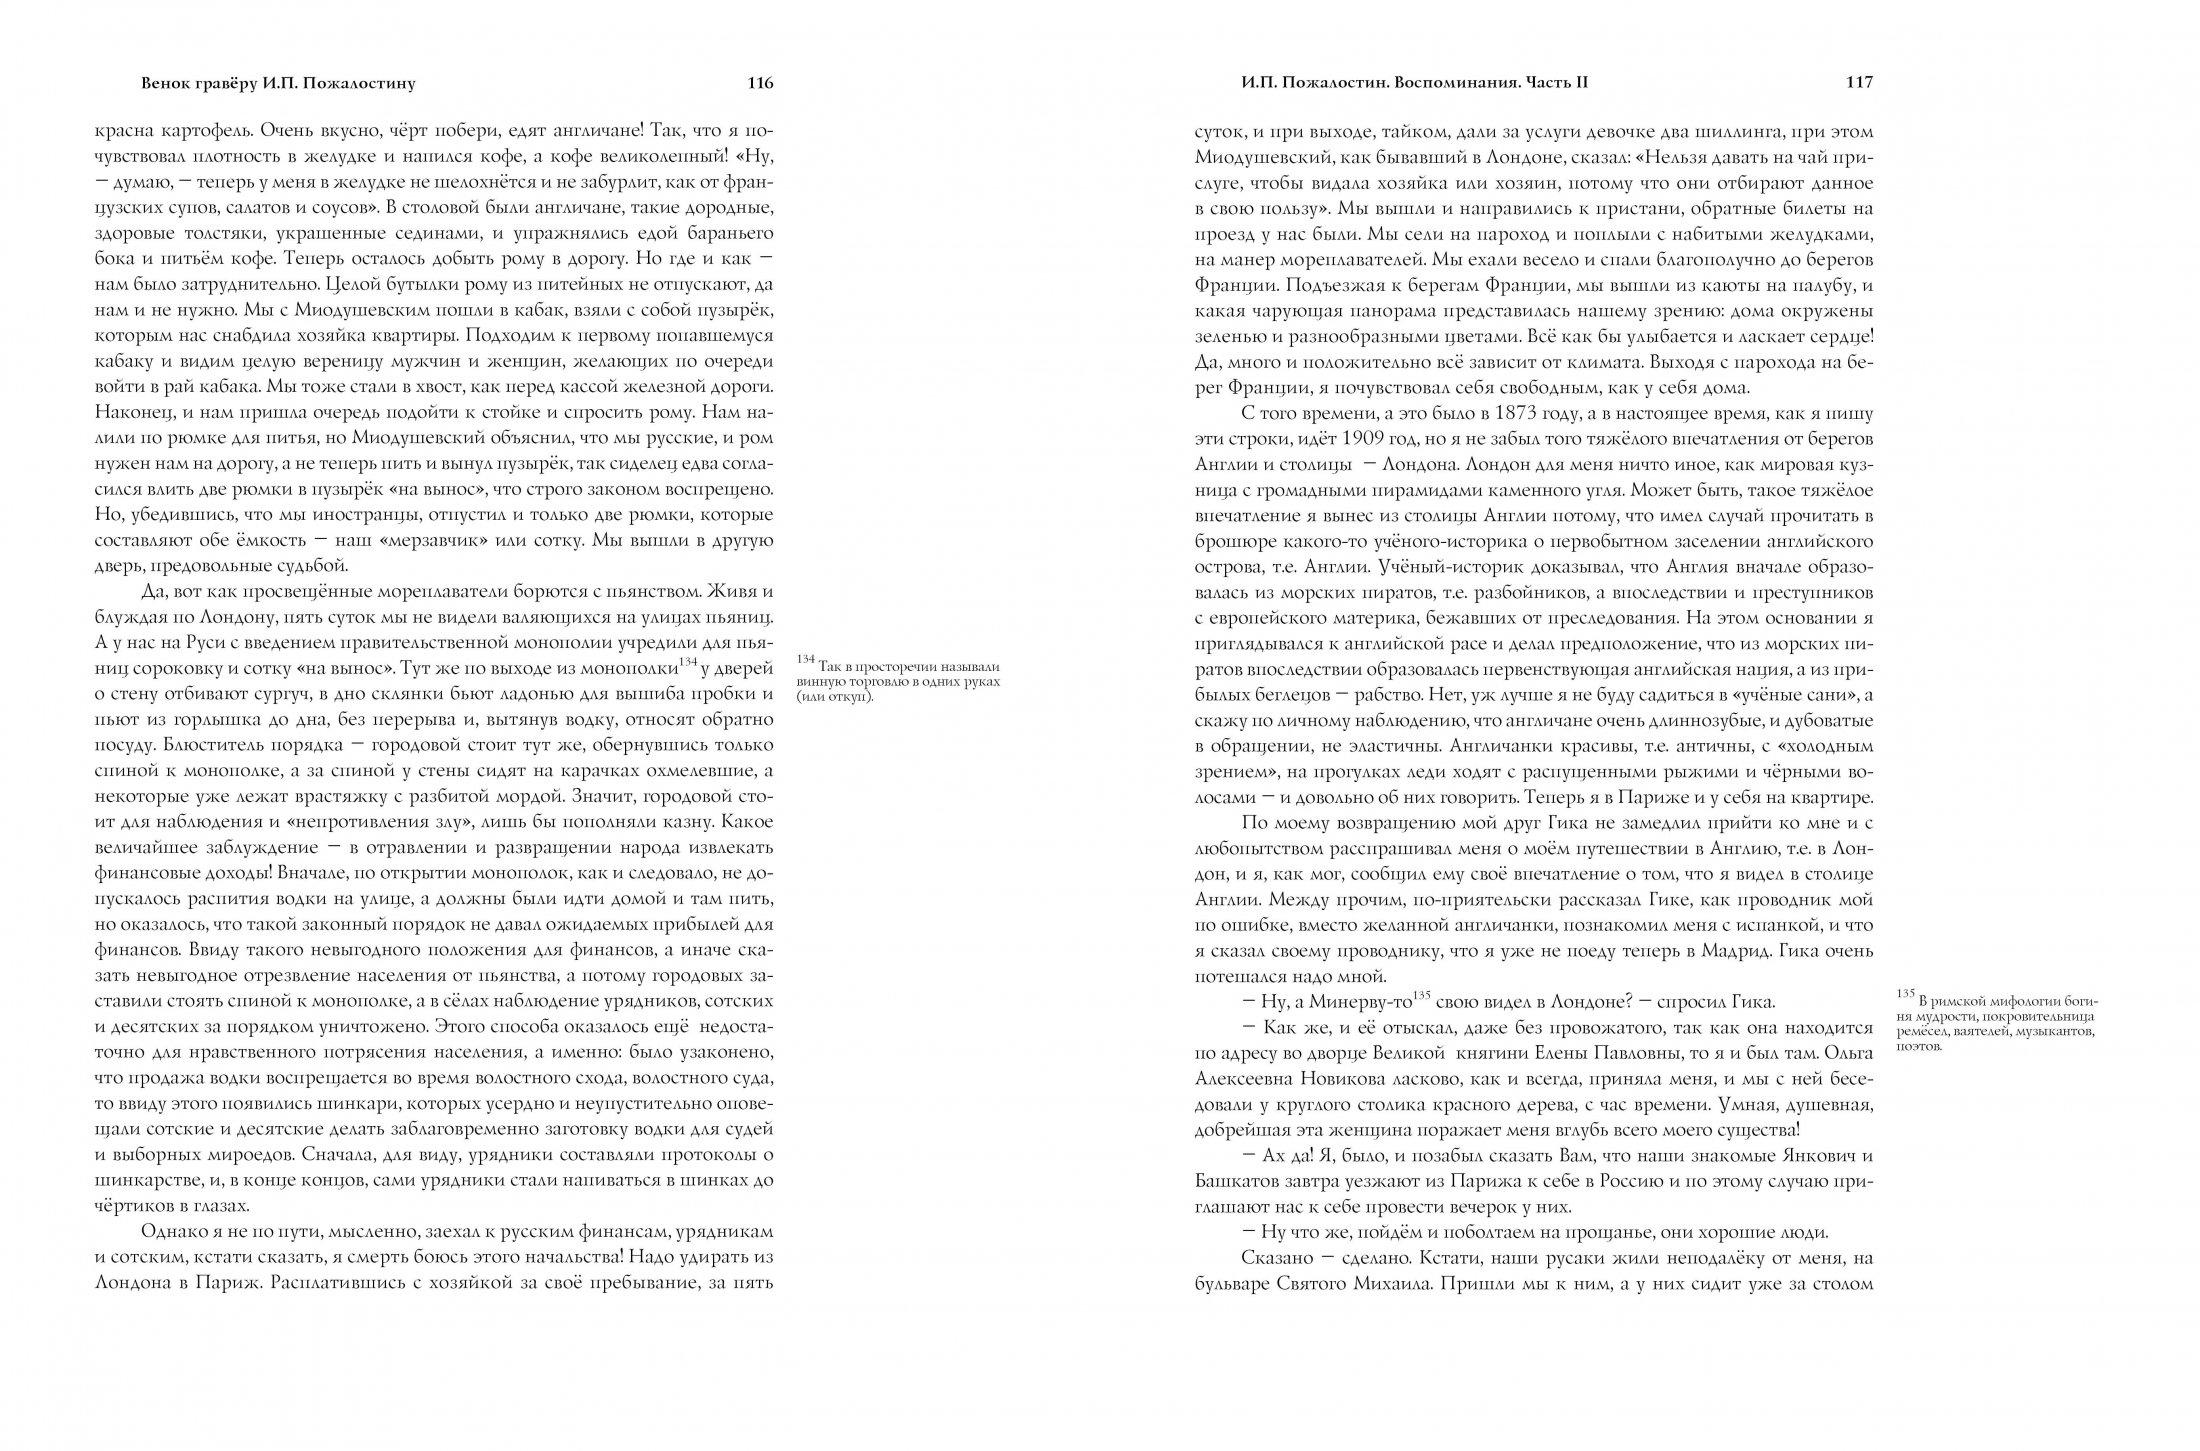 Книга гравёра Пожалостина59